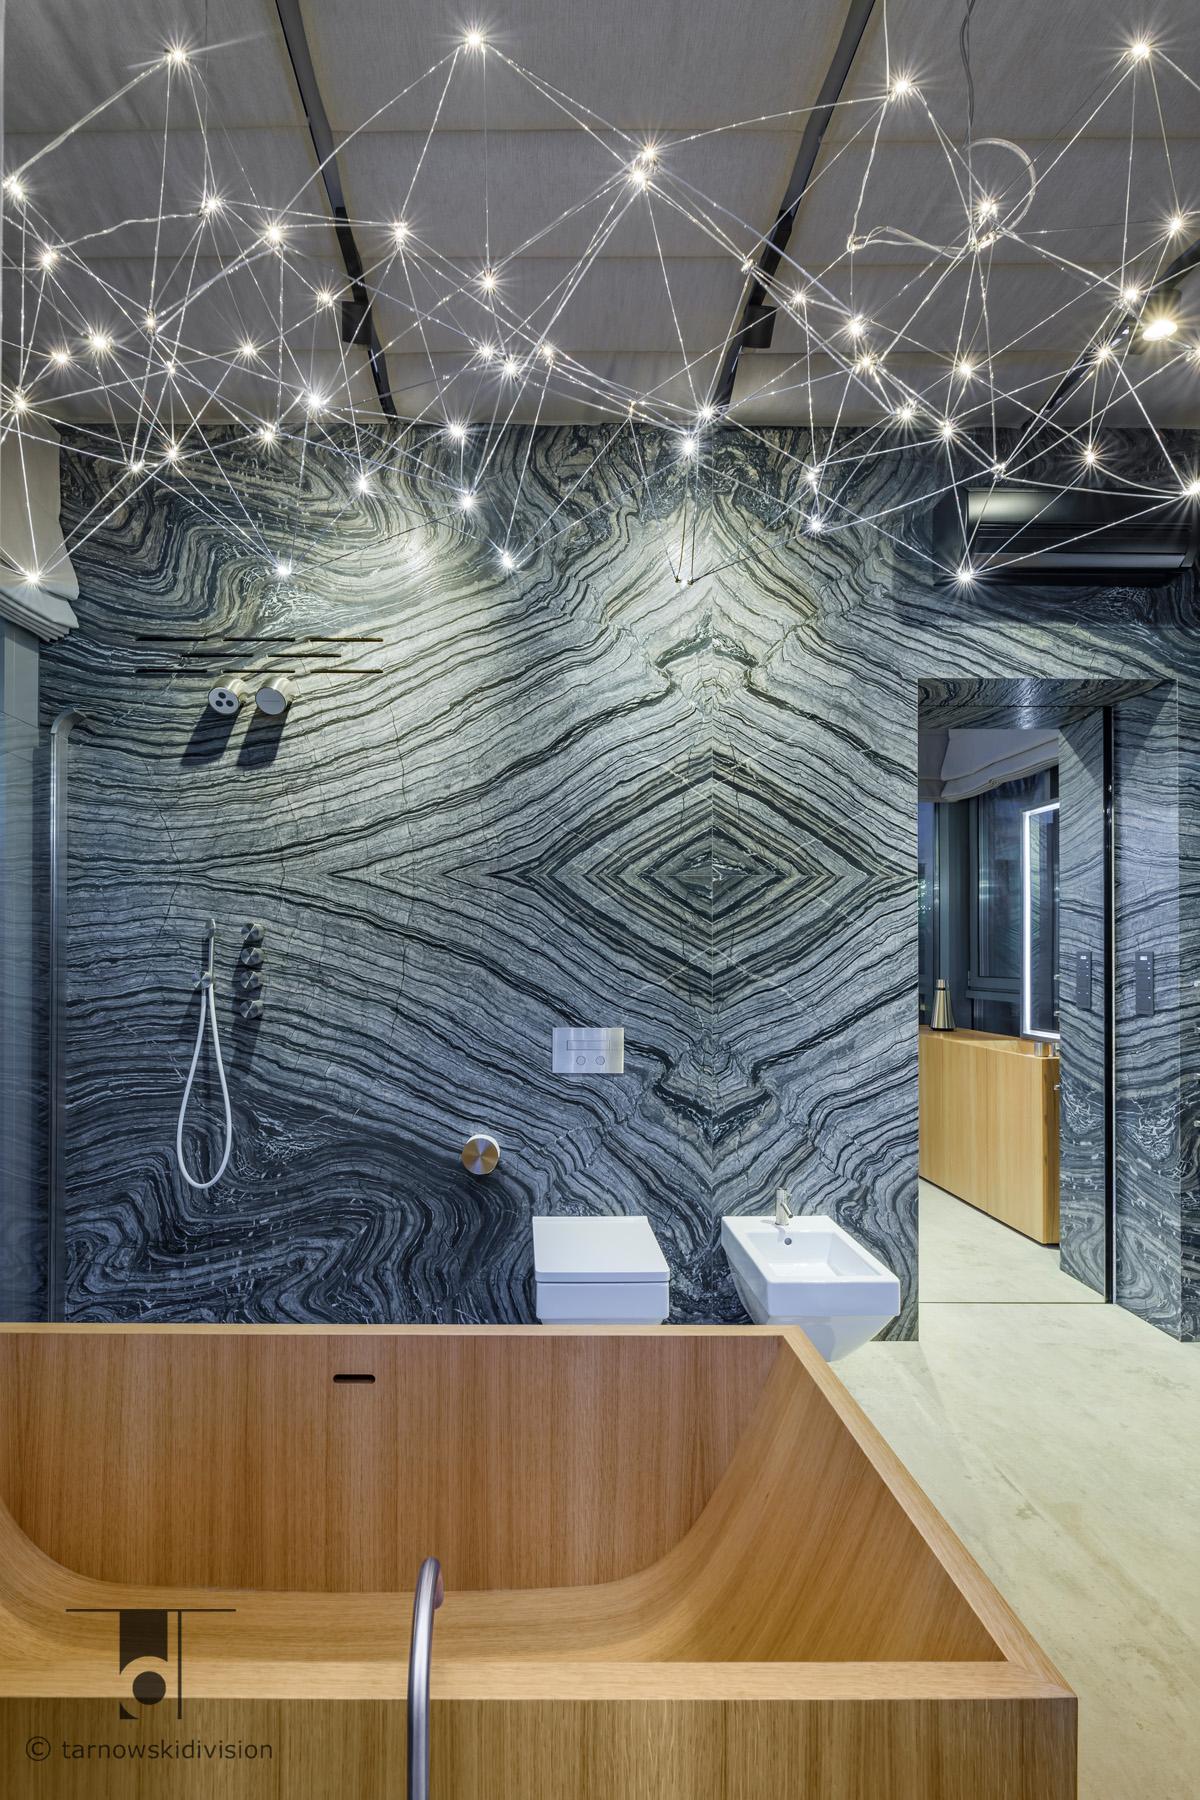 luksusowa nowoczesna łazienka drewniana wanna eko łazienka bathroom interior design_tarnowski division